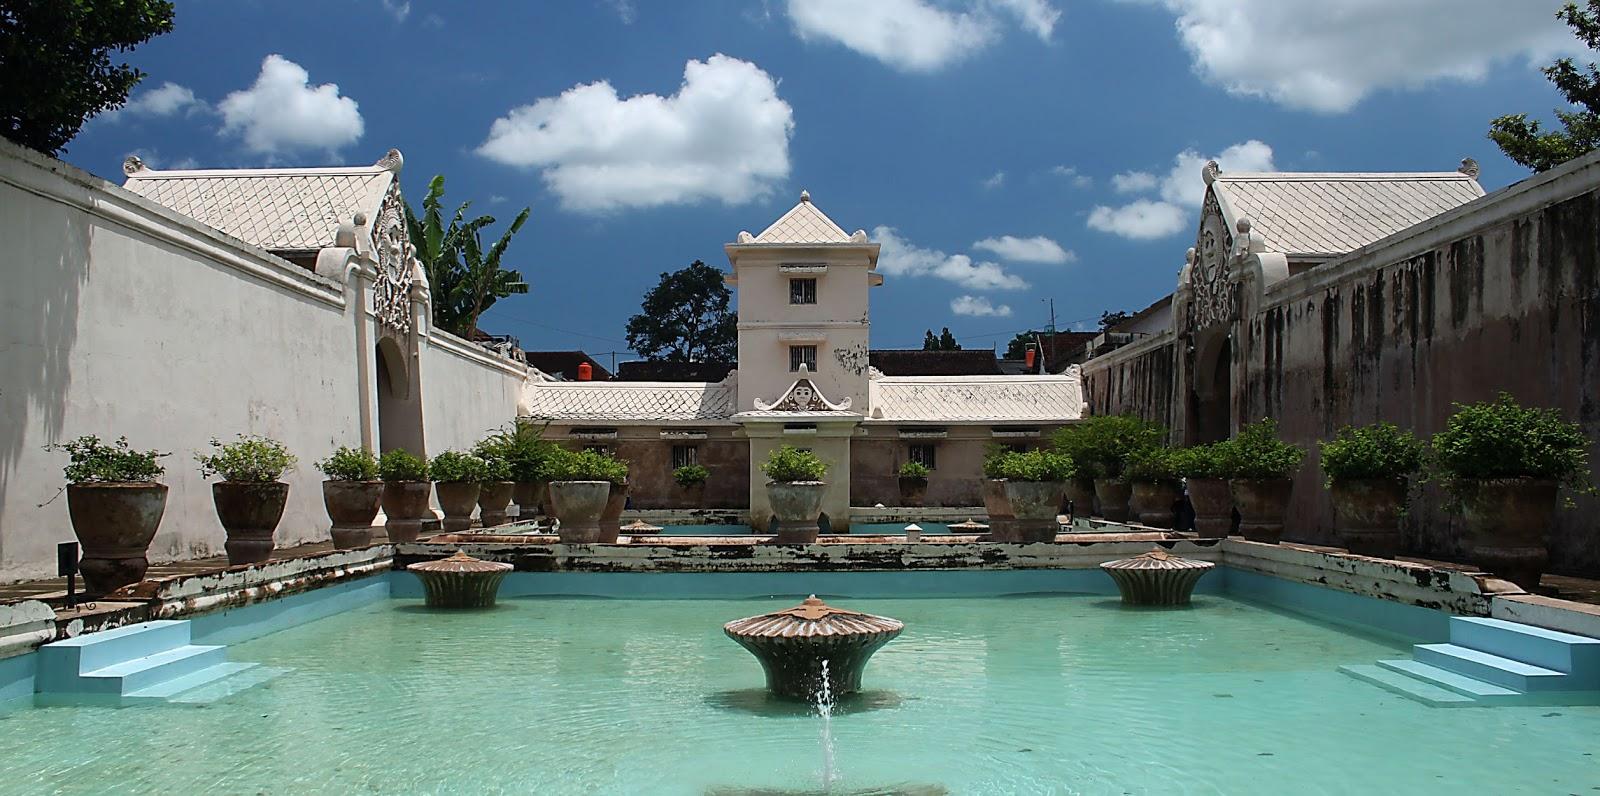 Taman Sari Keraton Yogyakarta Wisata Bersejarah Menarik Jogja Yogya Sejarah